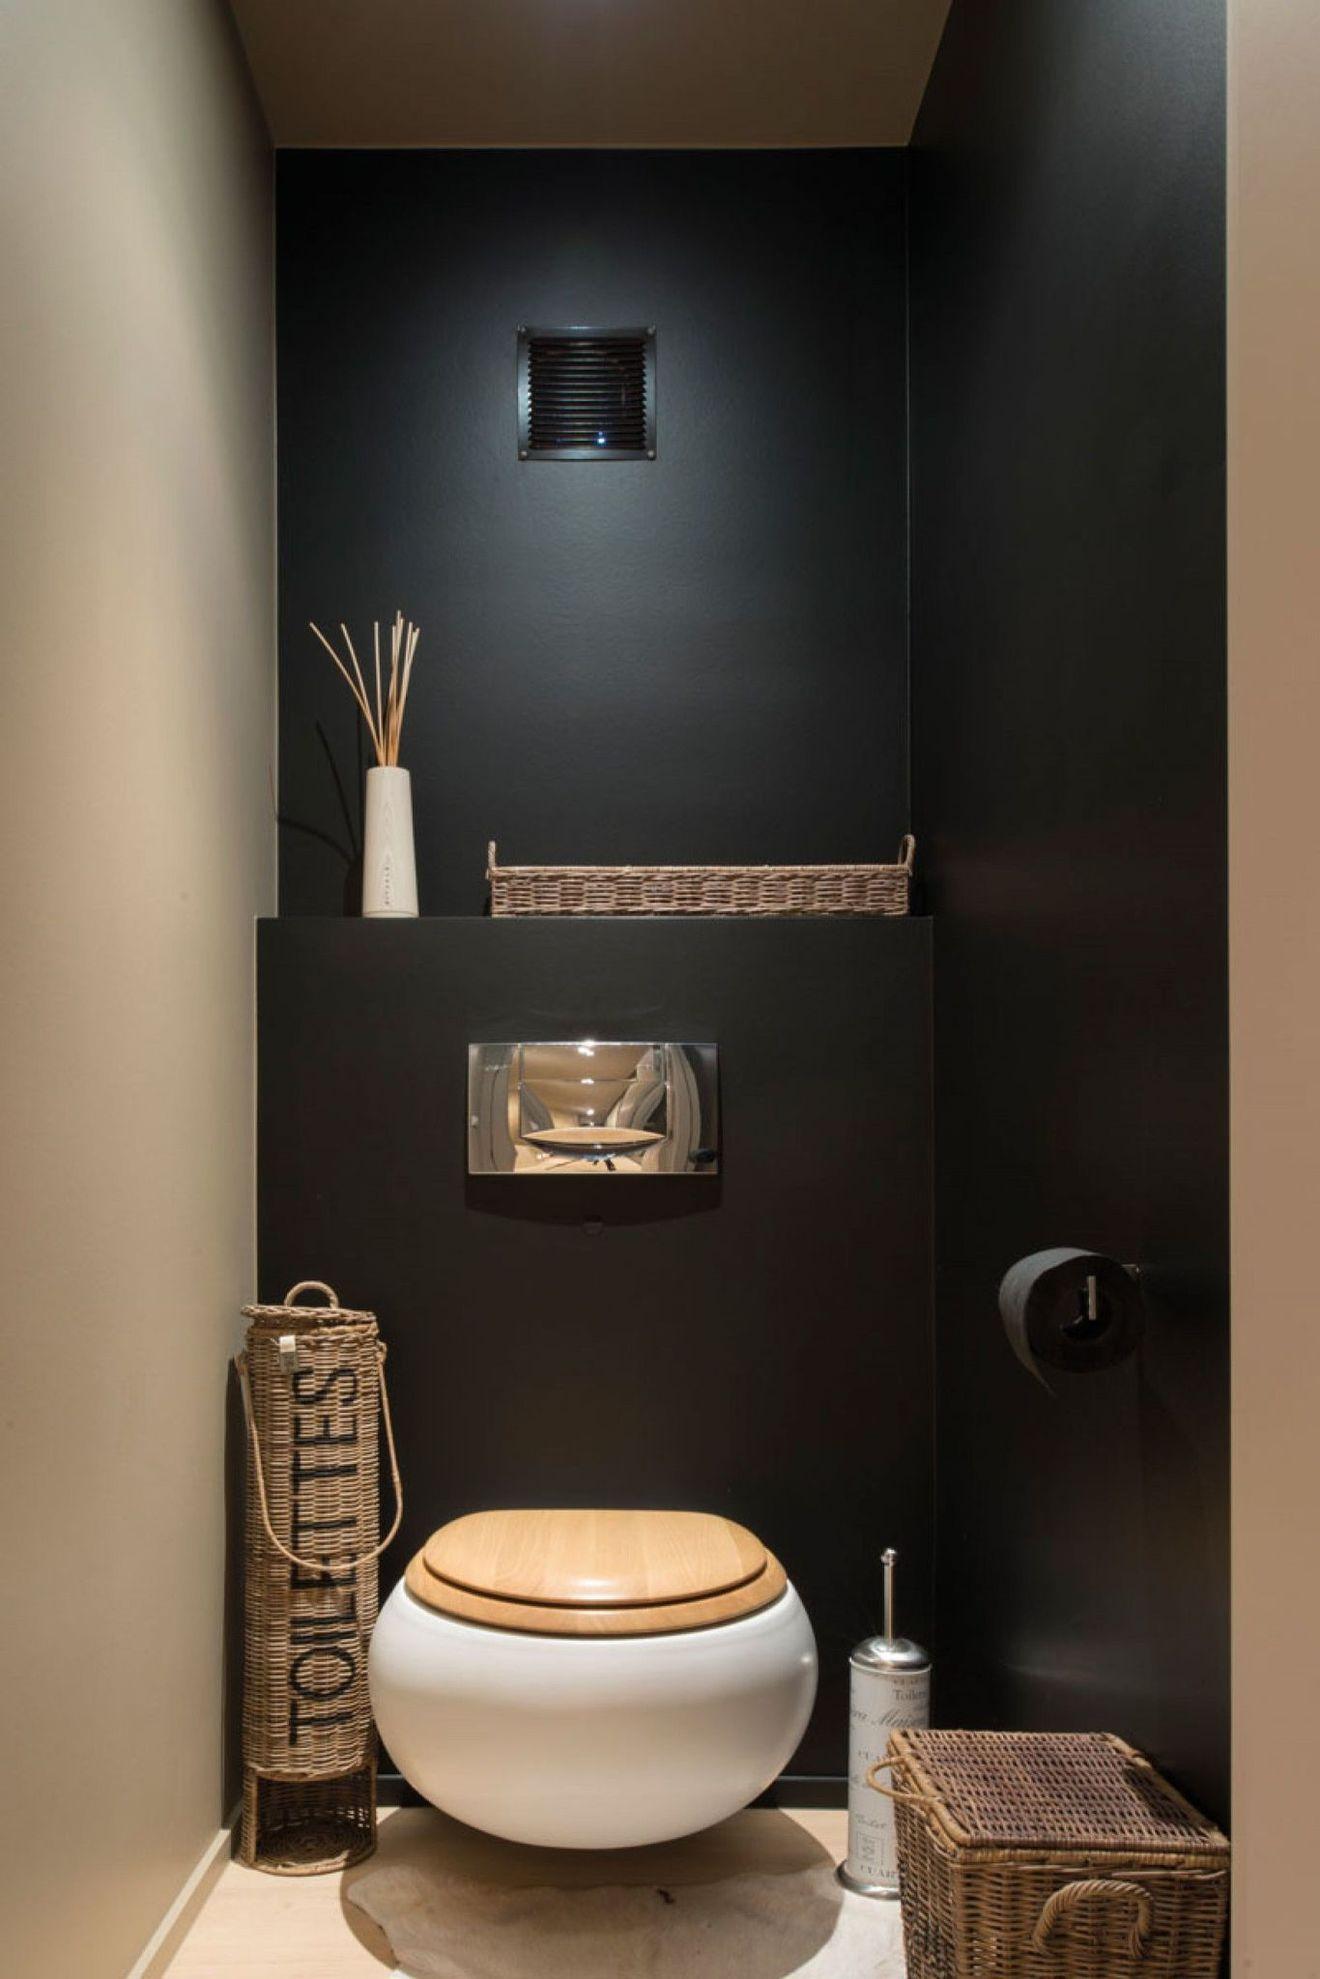 Rangement WC : idées pratiques pour toilettes | deco | Deco ...